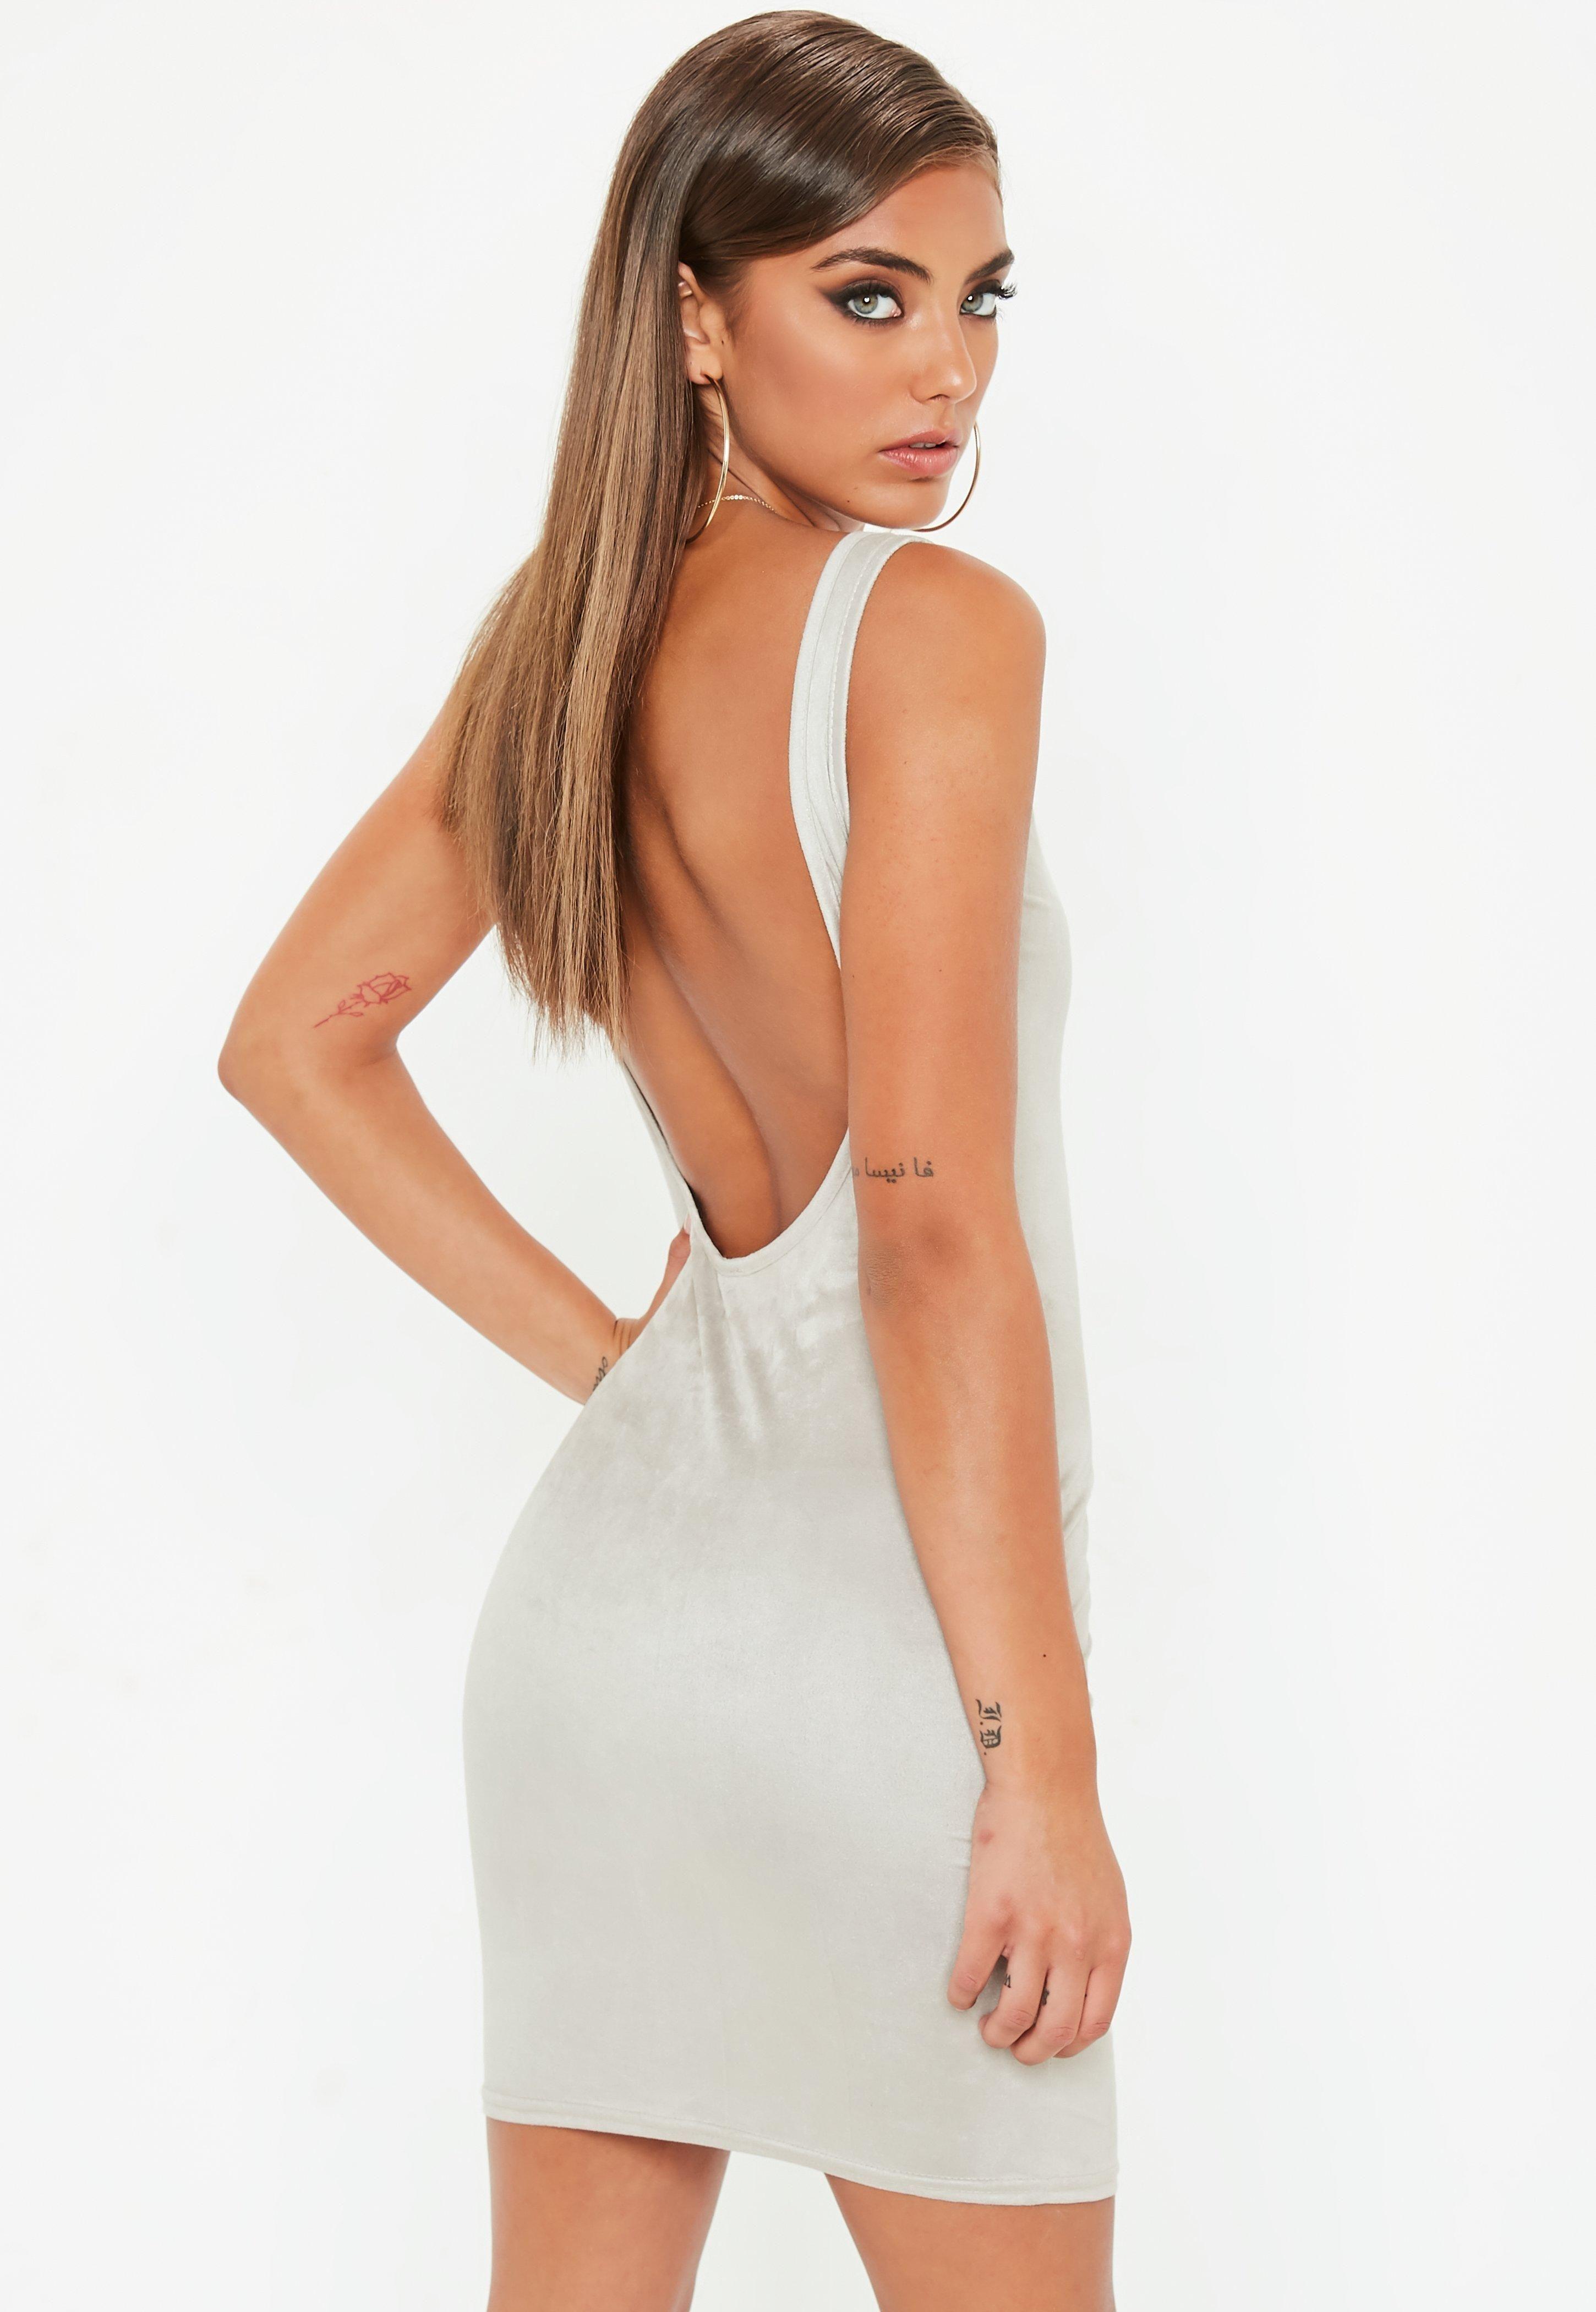 c2e21cfa9700 10/10/18 Brand/Designer: Missguided Material: Elastane /Polyester Dress  Length: Mini-Dress Short Dress Silhouette: Bodycon